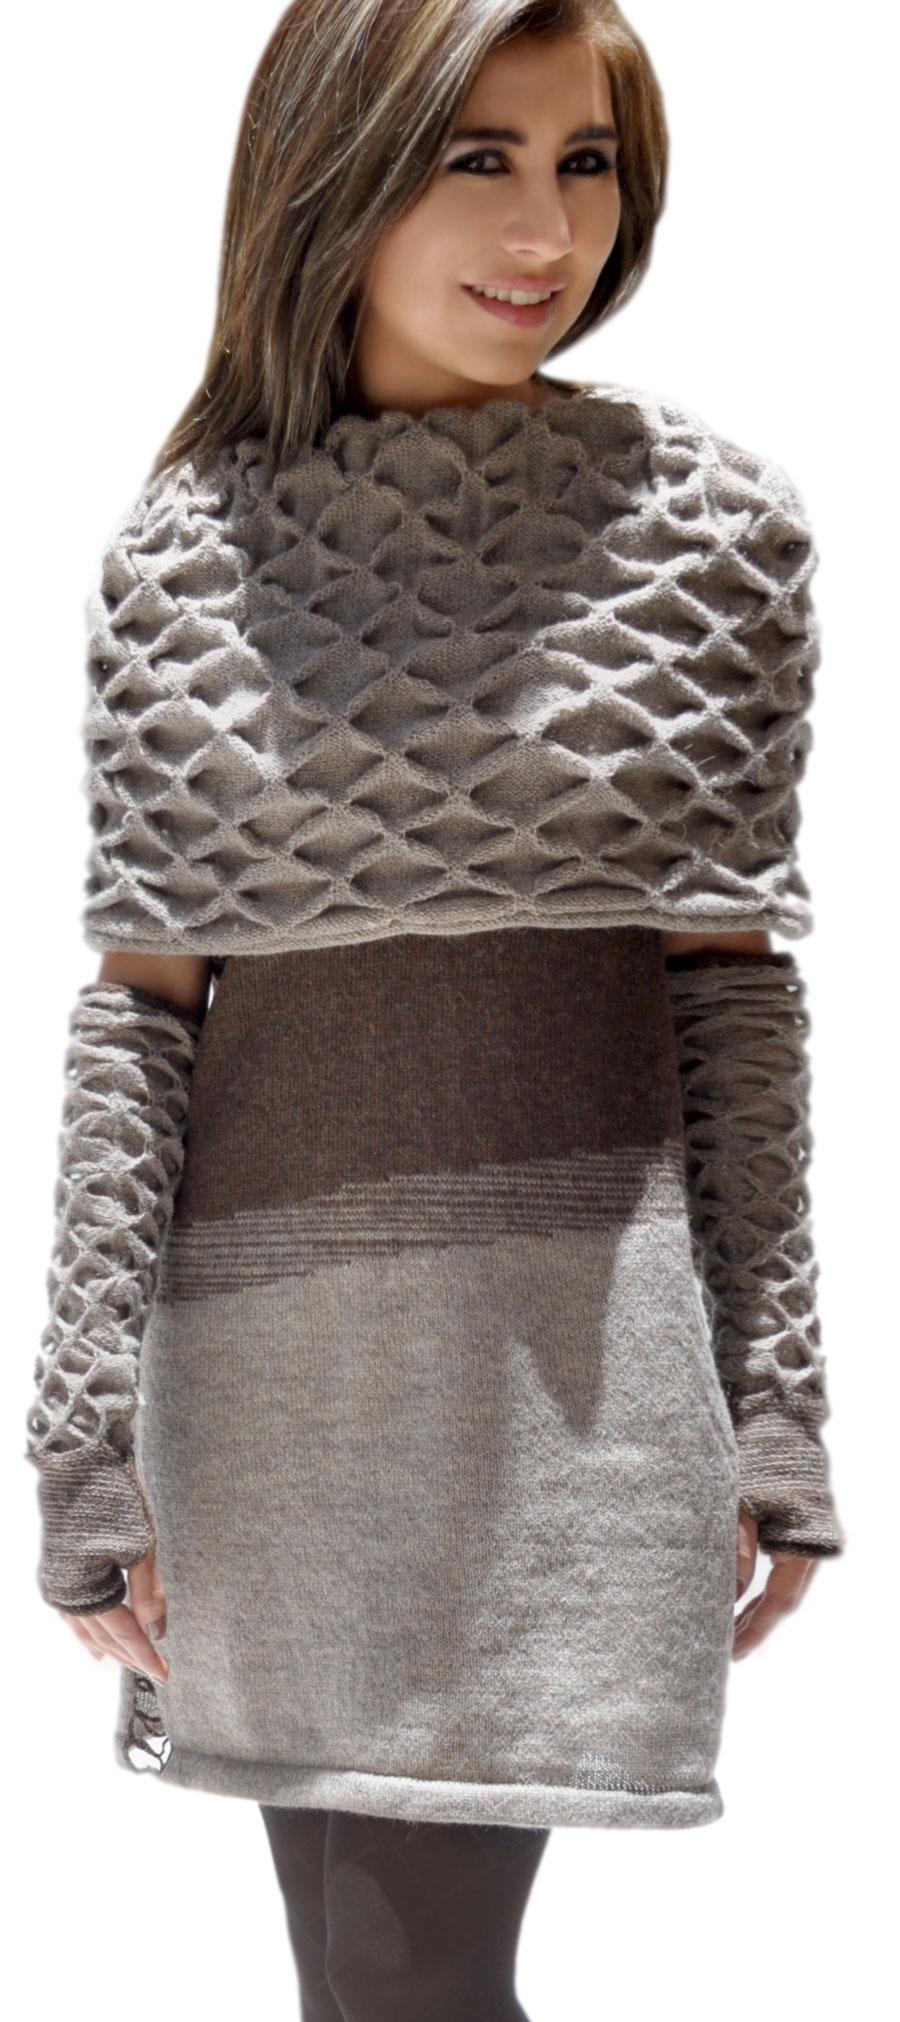 winterkleid mit riesenkragen reine alpakawolle. Black Bedroom Furniture Sets. Home Design Ideas